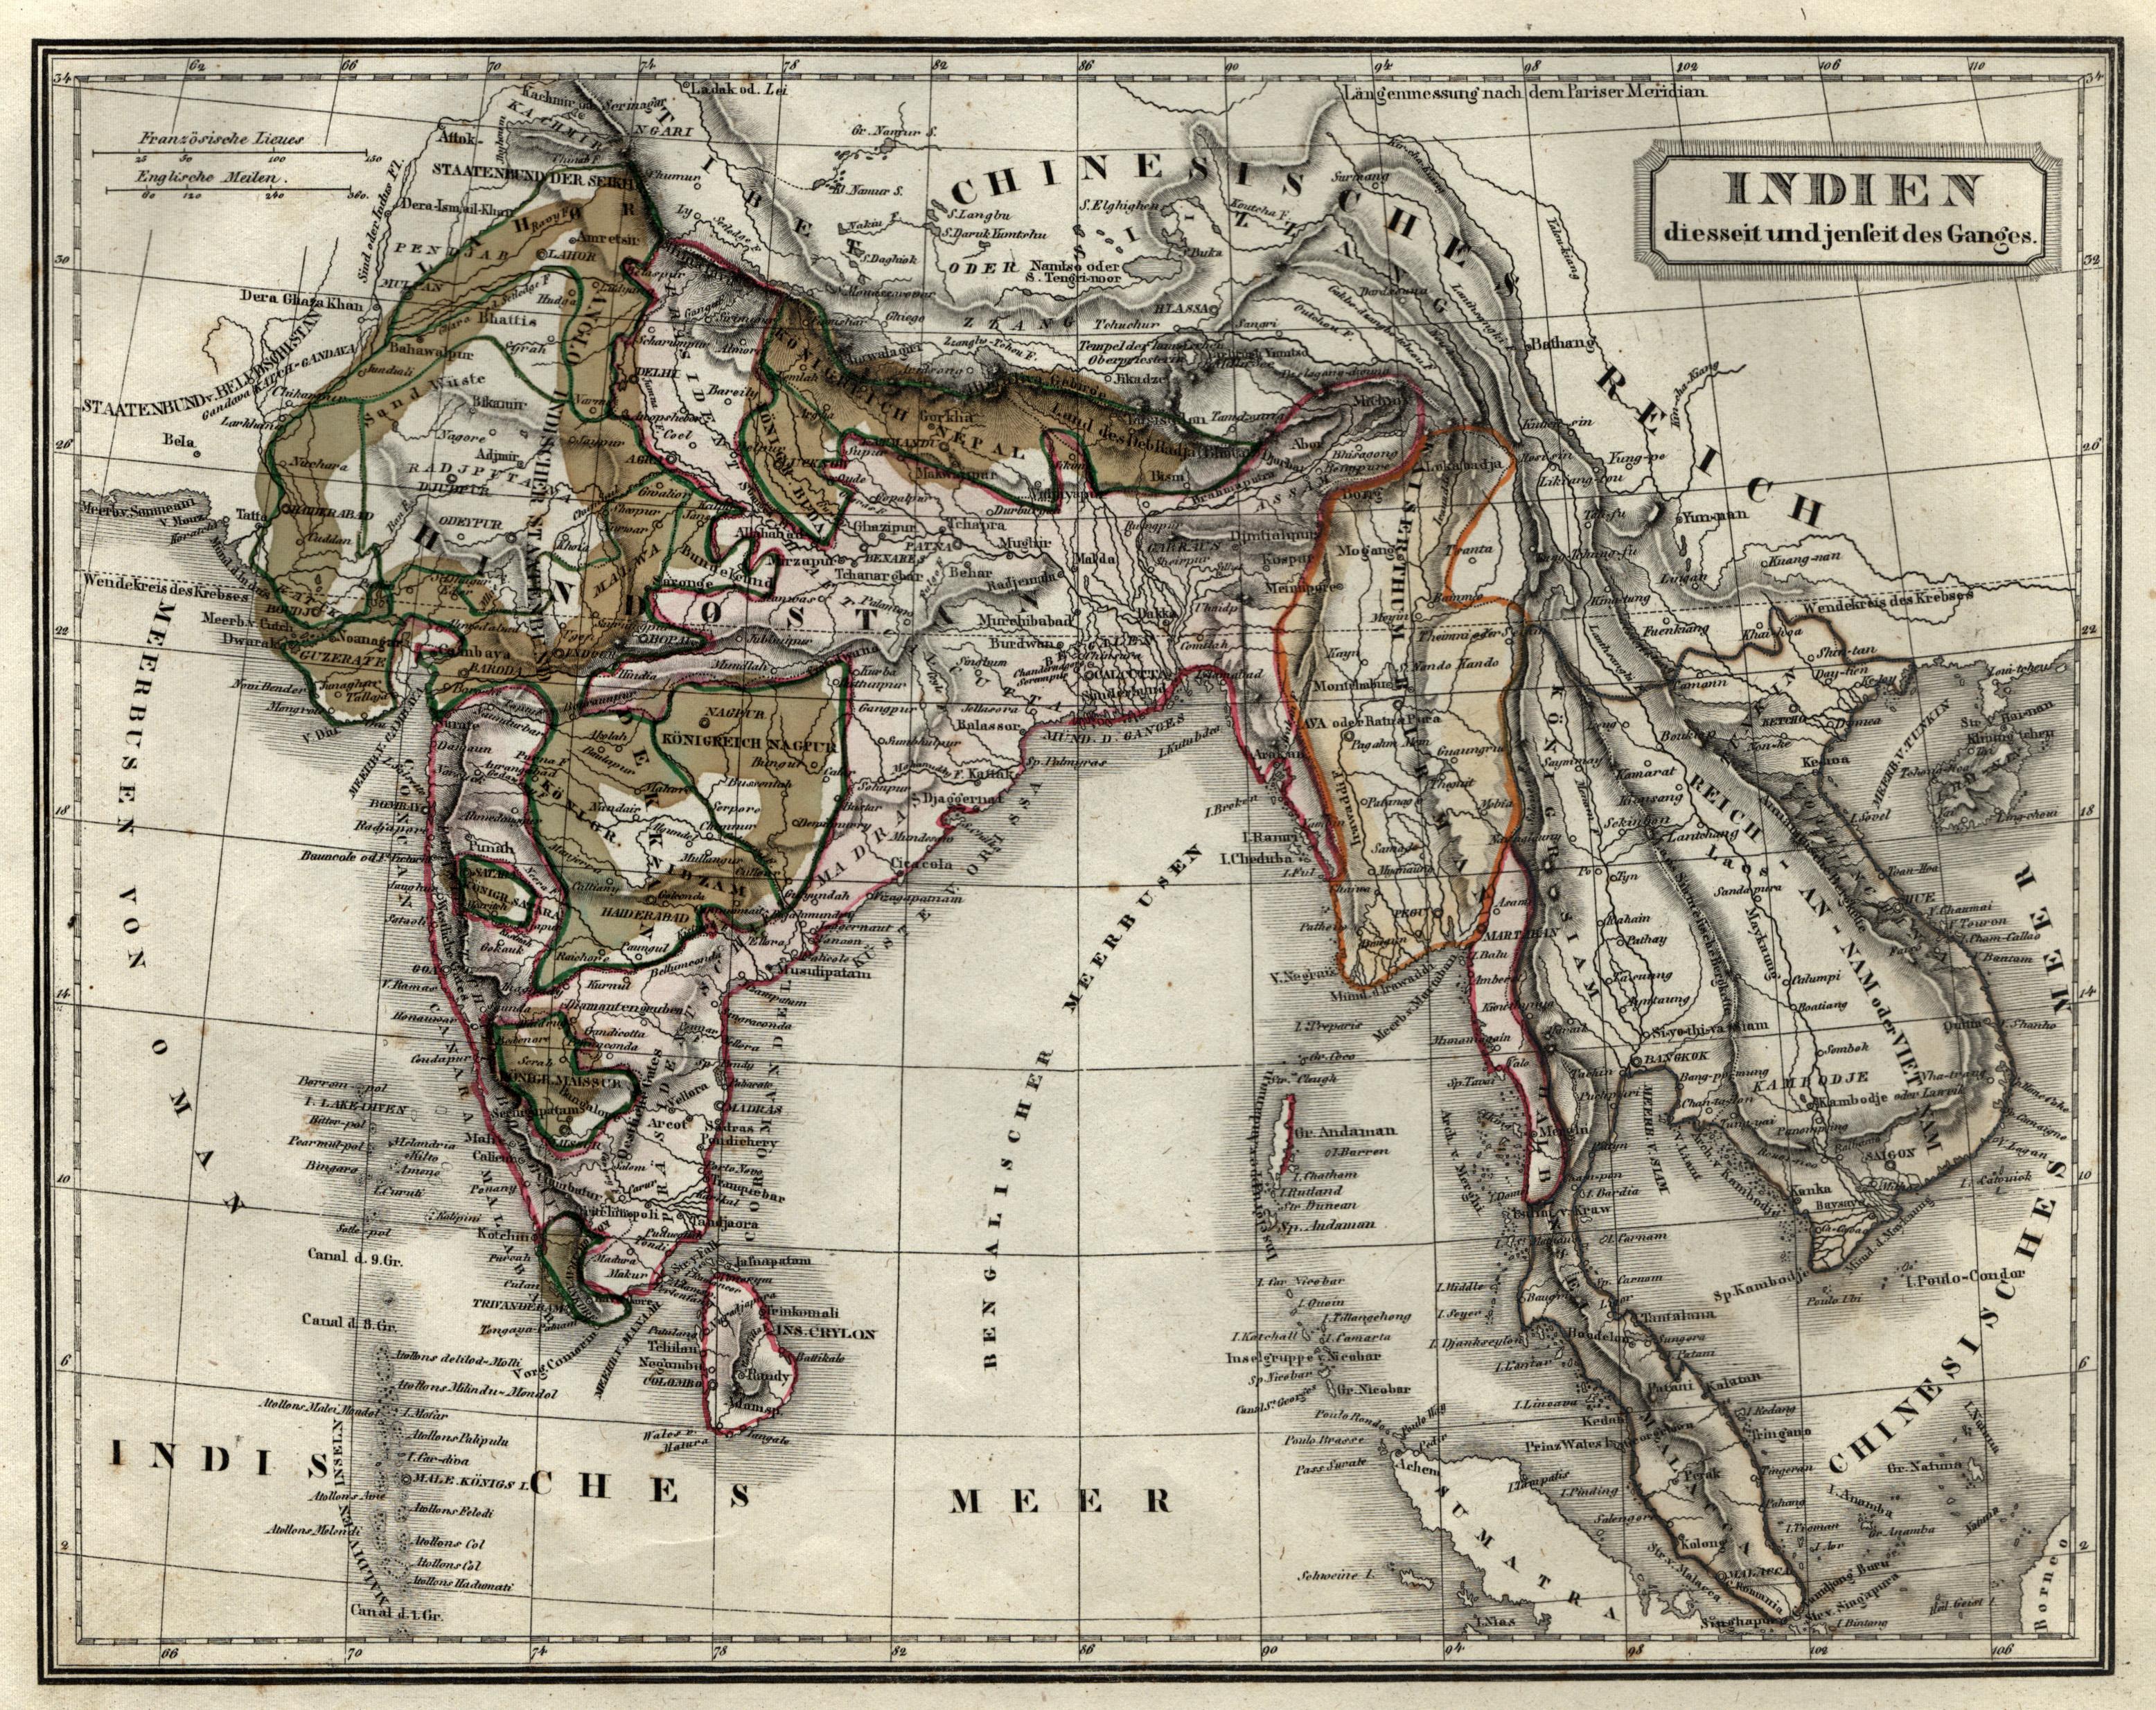 """Stst.- Karte, v. F. Biller, """"Indien diesseit: Indien ( India"""